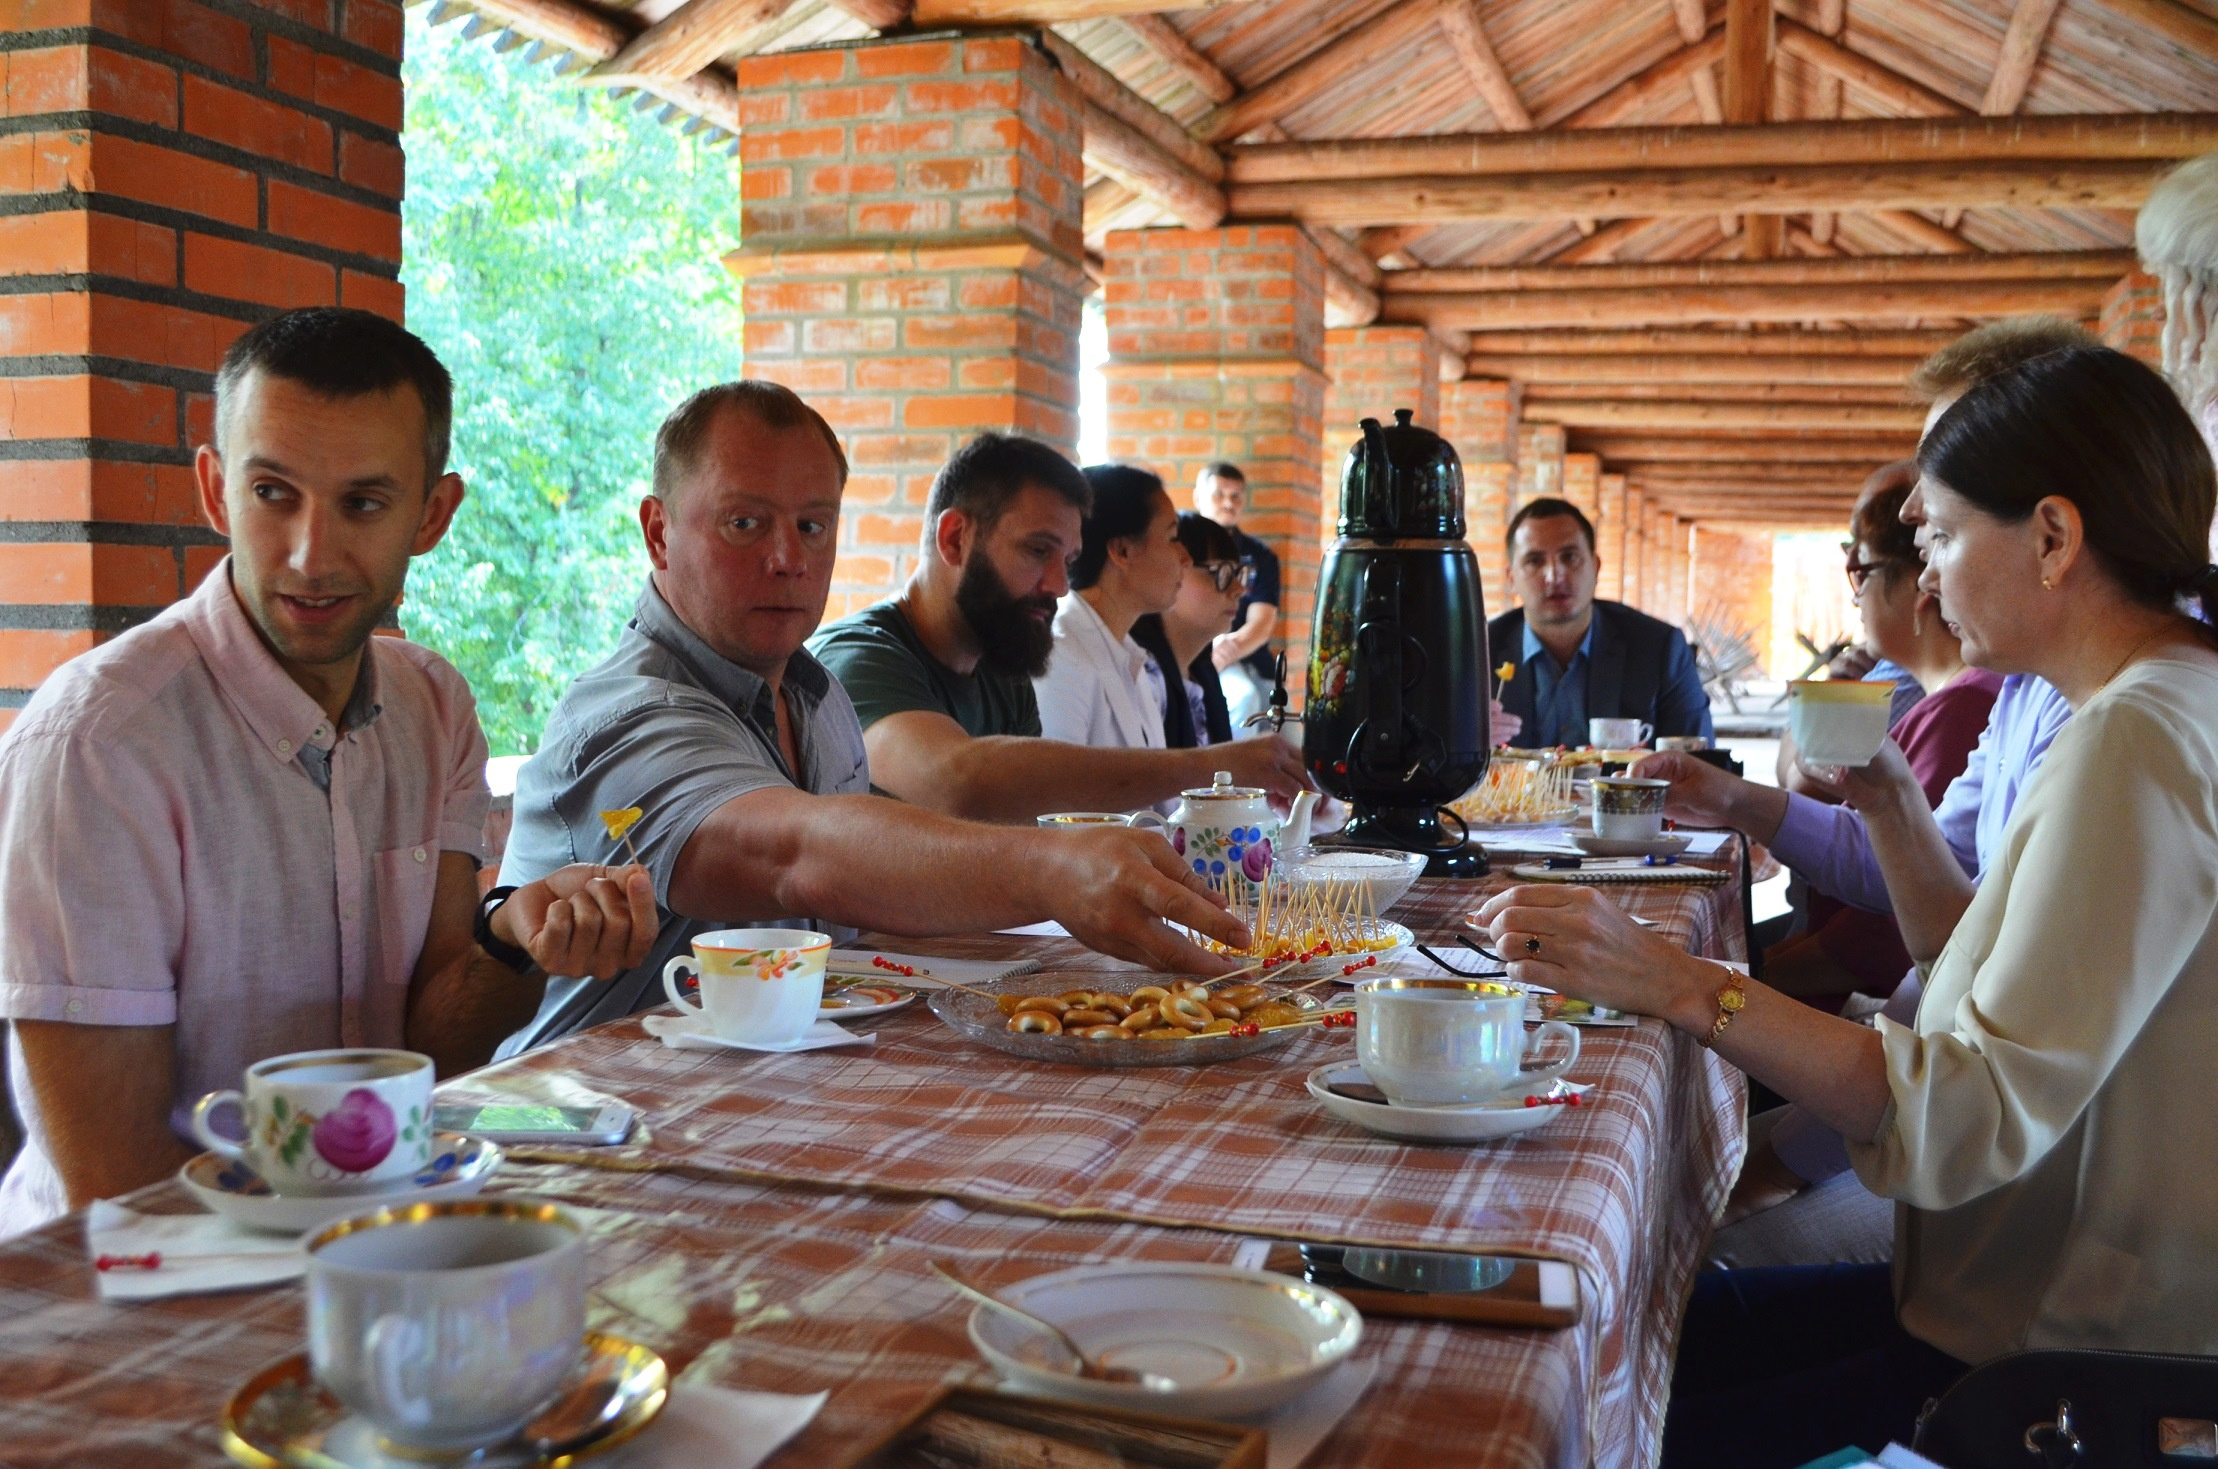 Встреча представителей региональной Комиссии РГО по развитию туризма с вице-губернатором Смоленской области Ростиславом Ровбелем.